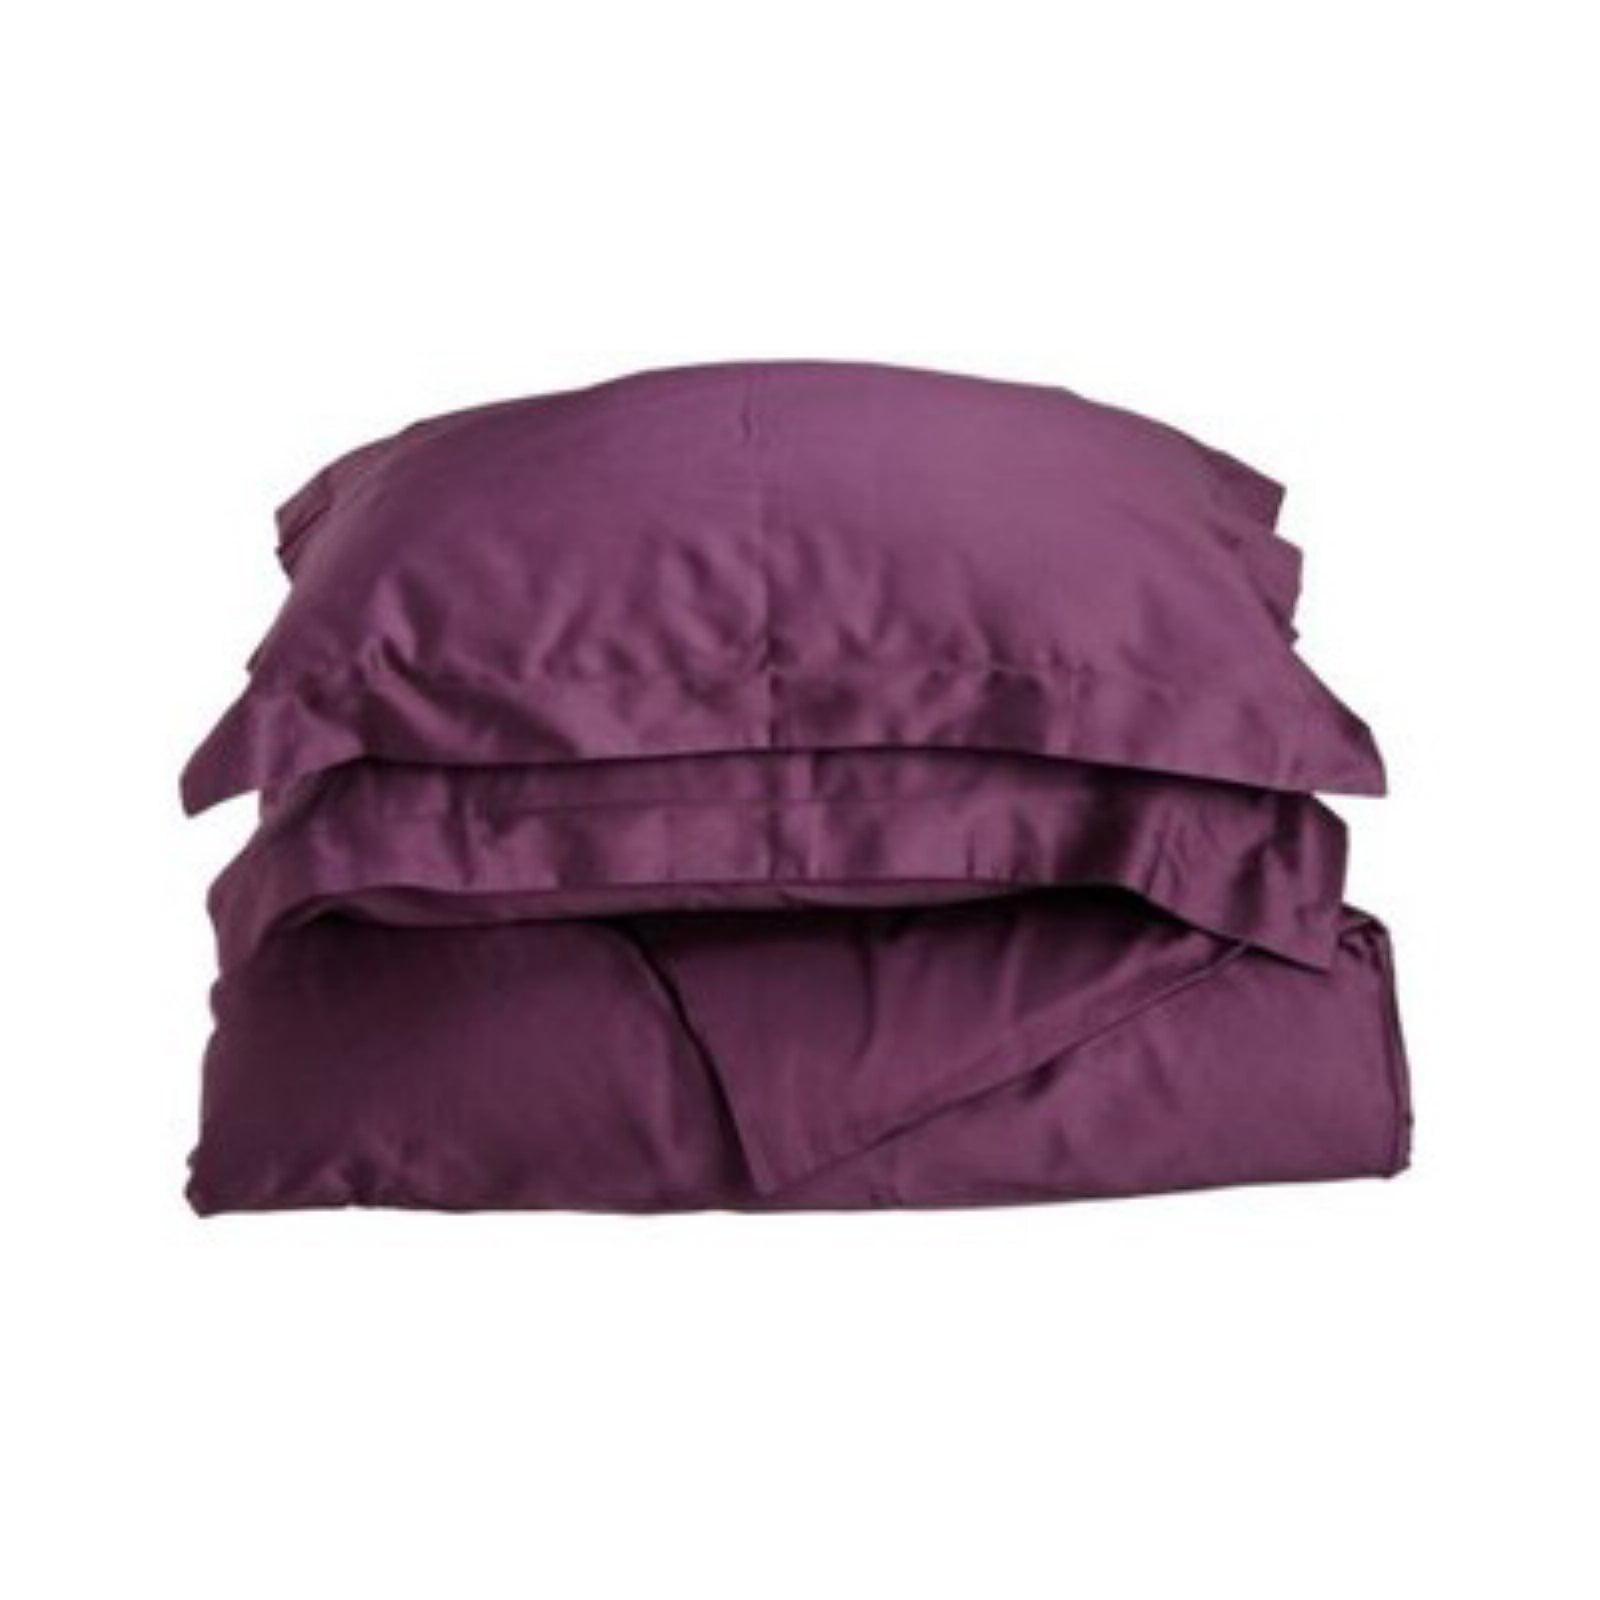 Superior 400 Thread Count 100% Premium Combed Cotton Solid Duvet Cover Set